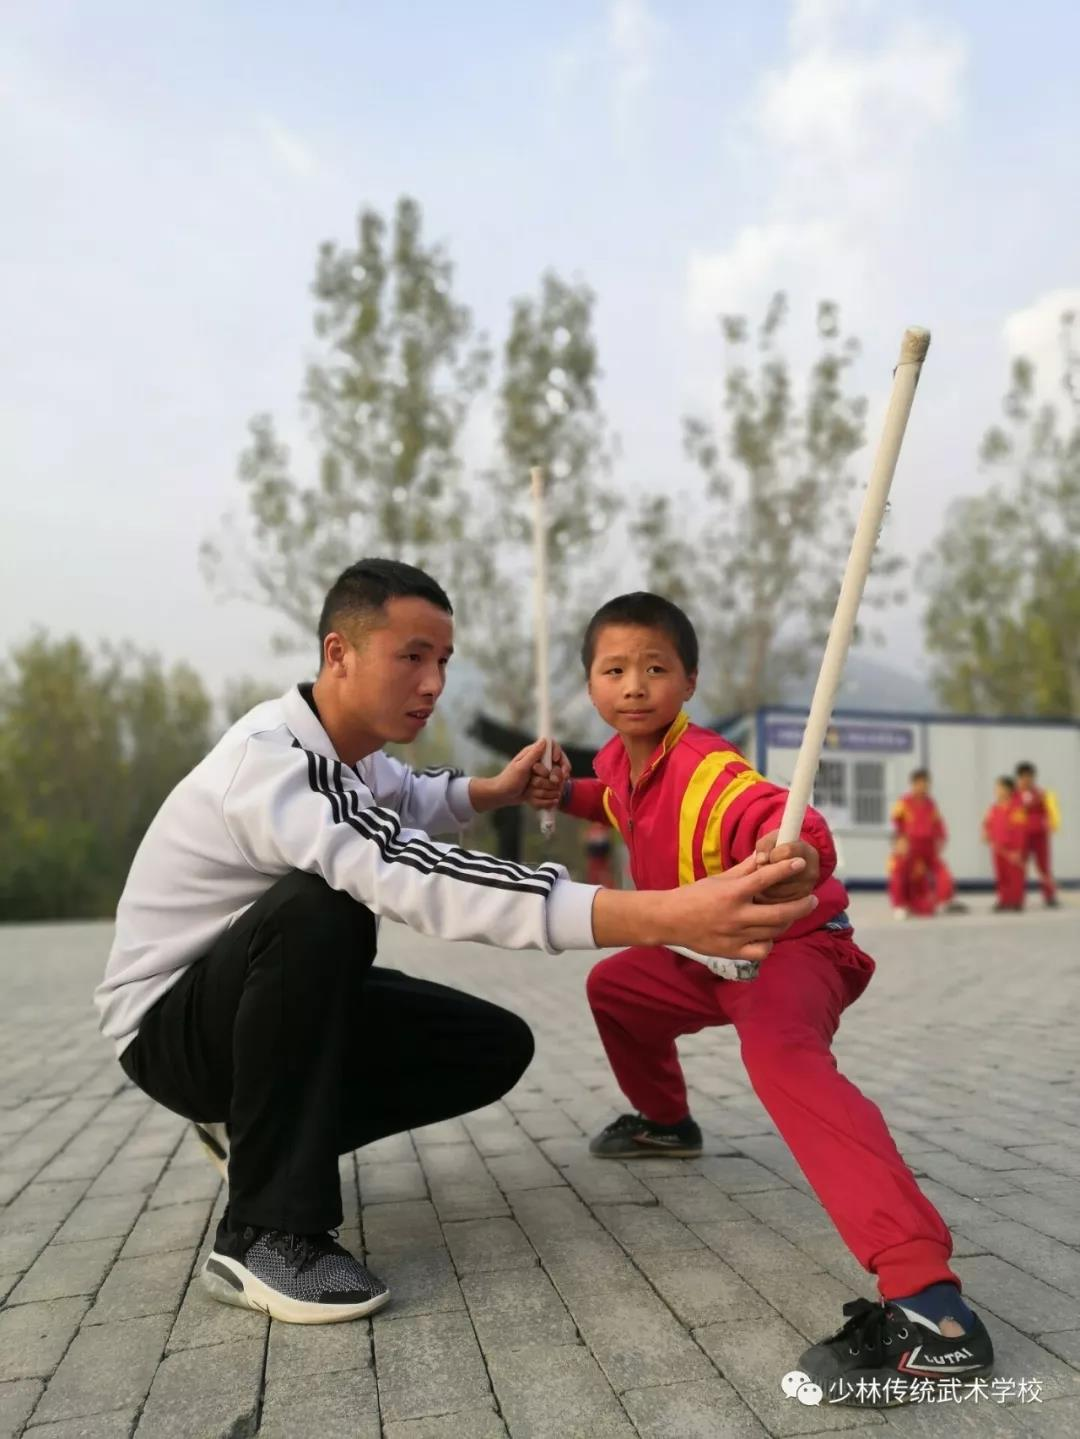 河南少林寺学校的学员在训练武术